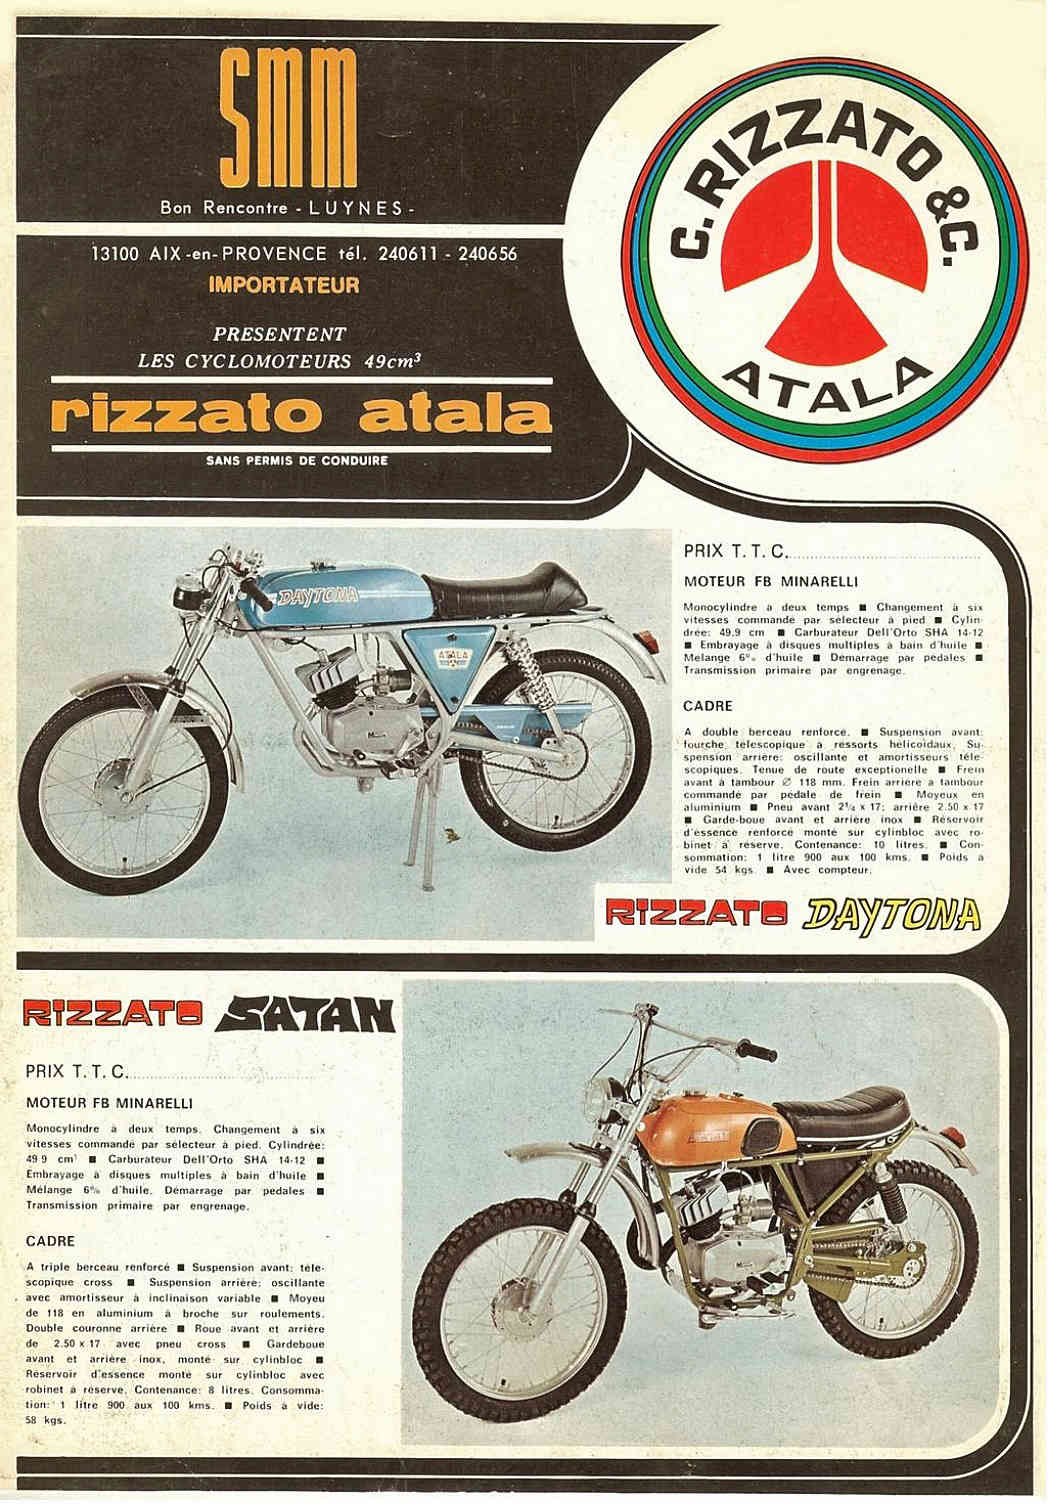 rizzato-attala Rizzat11